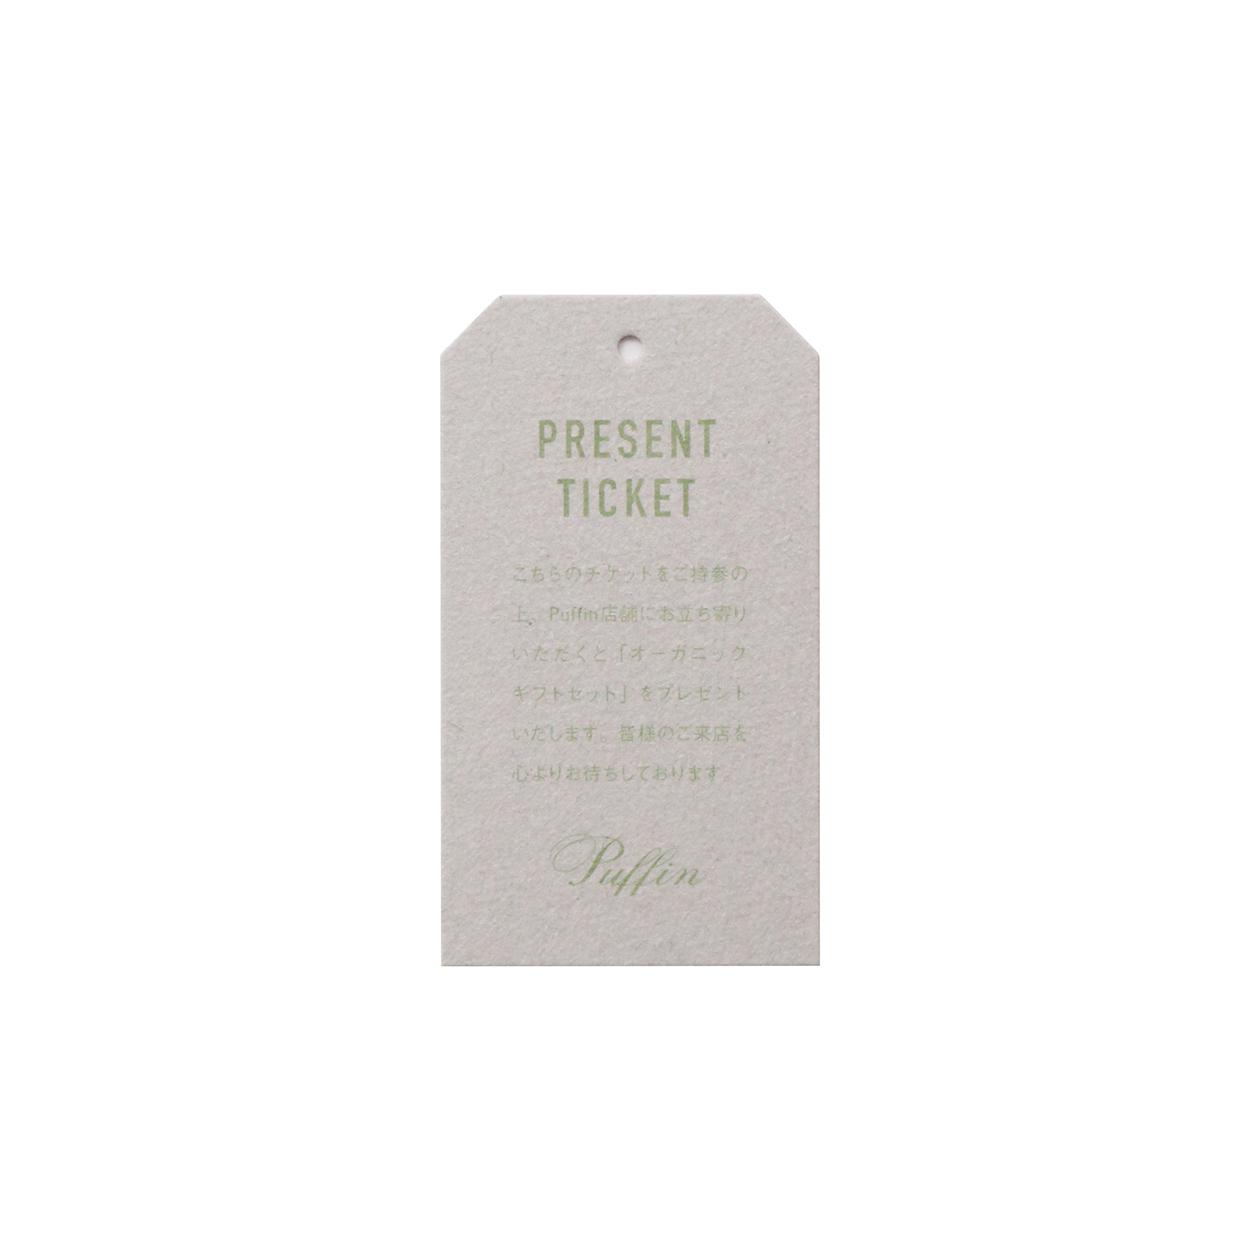 サンプル カード・シート 00279